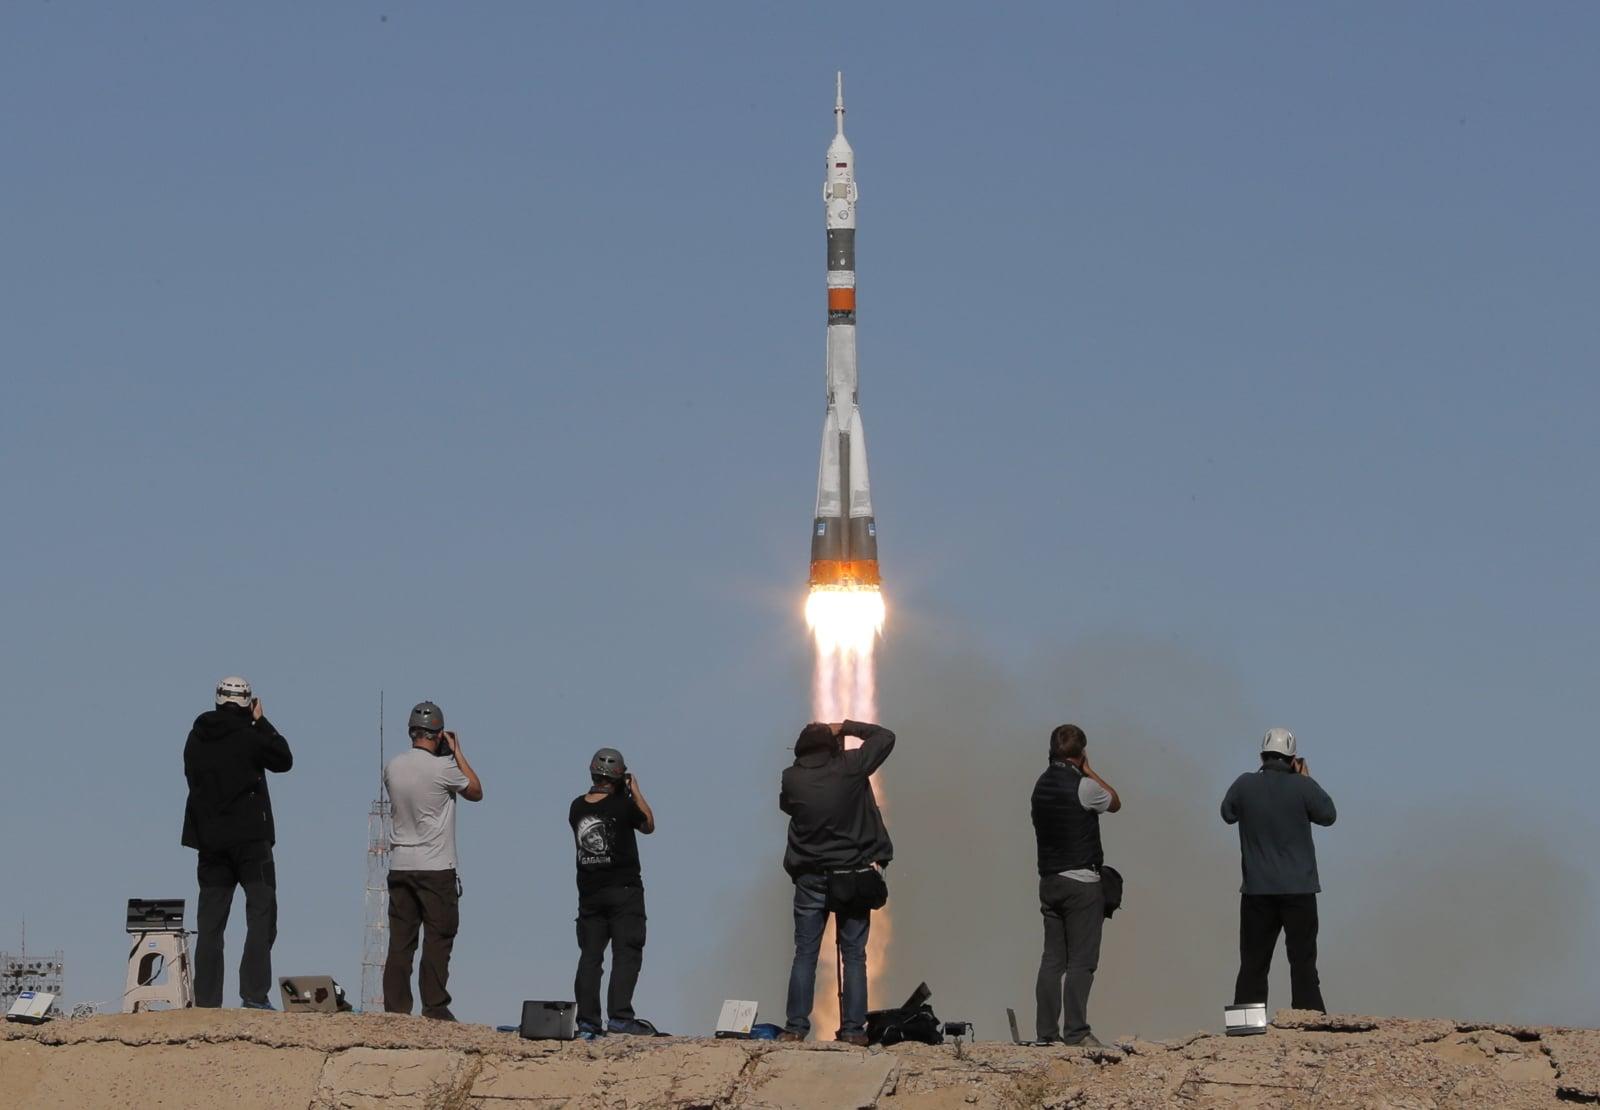 Awaryjne lądowanie kazachskiego lotu kosmicznego fot. EPA/YURI KOCHETKOV